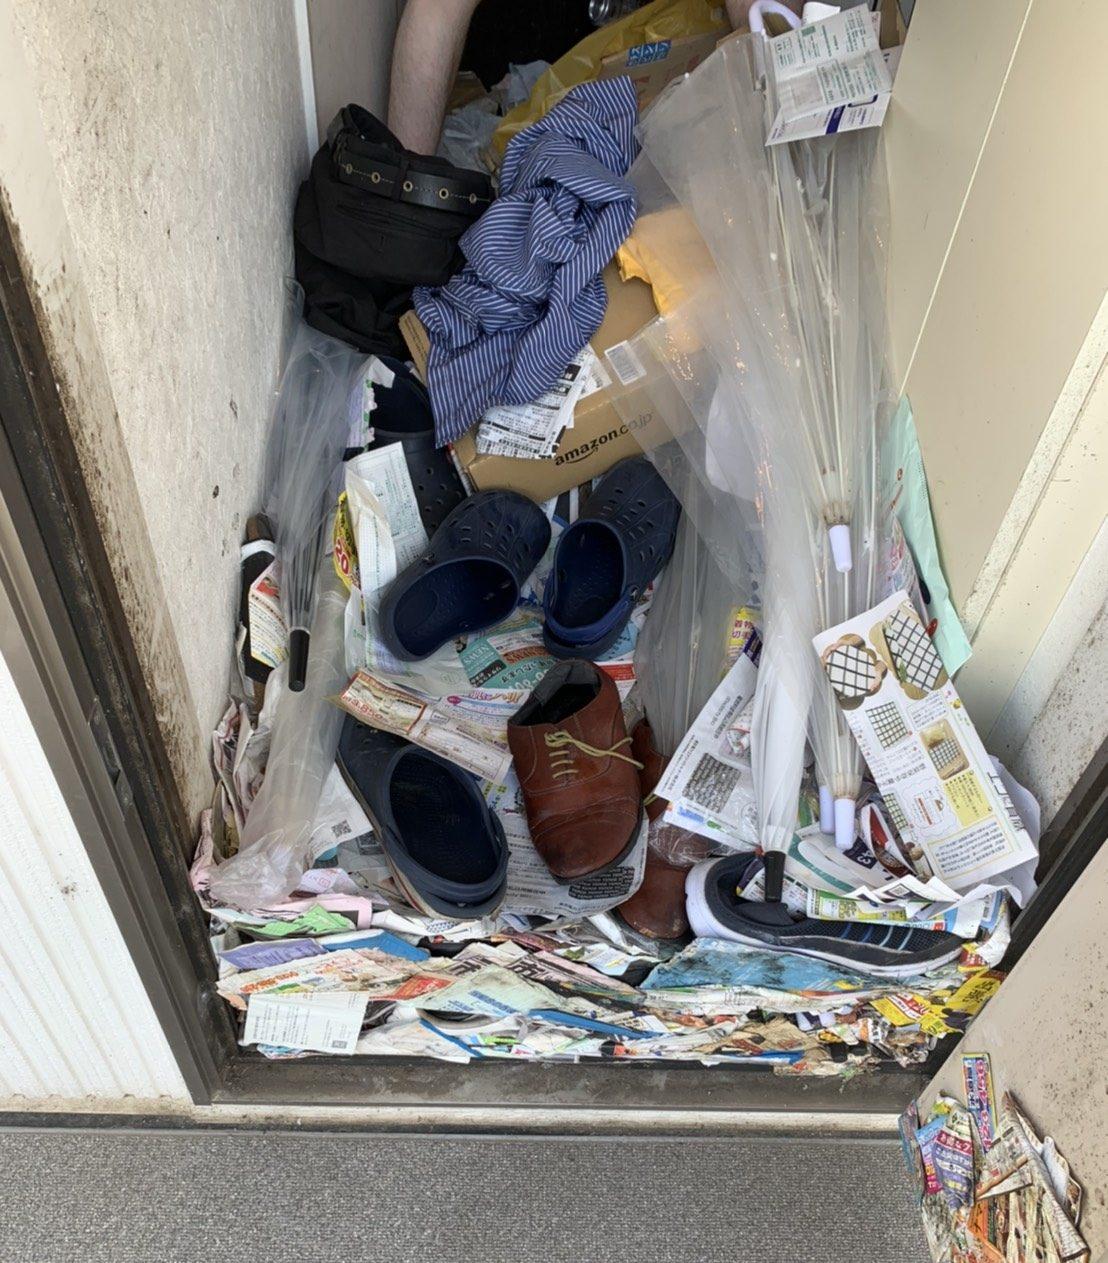 ゴミ屋敷 分割払い 東京